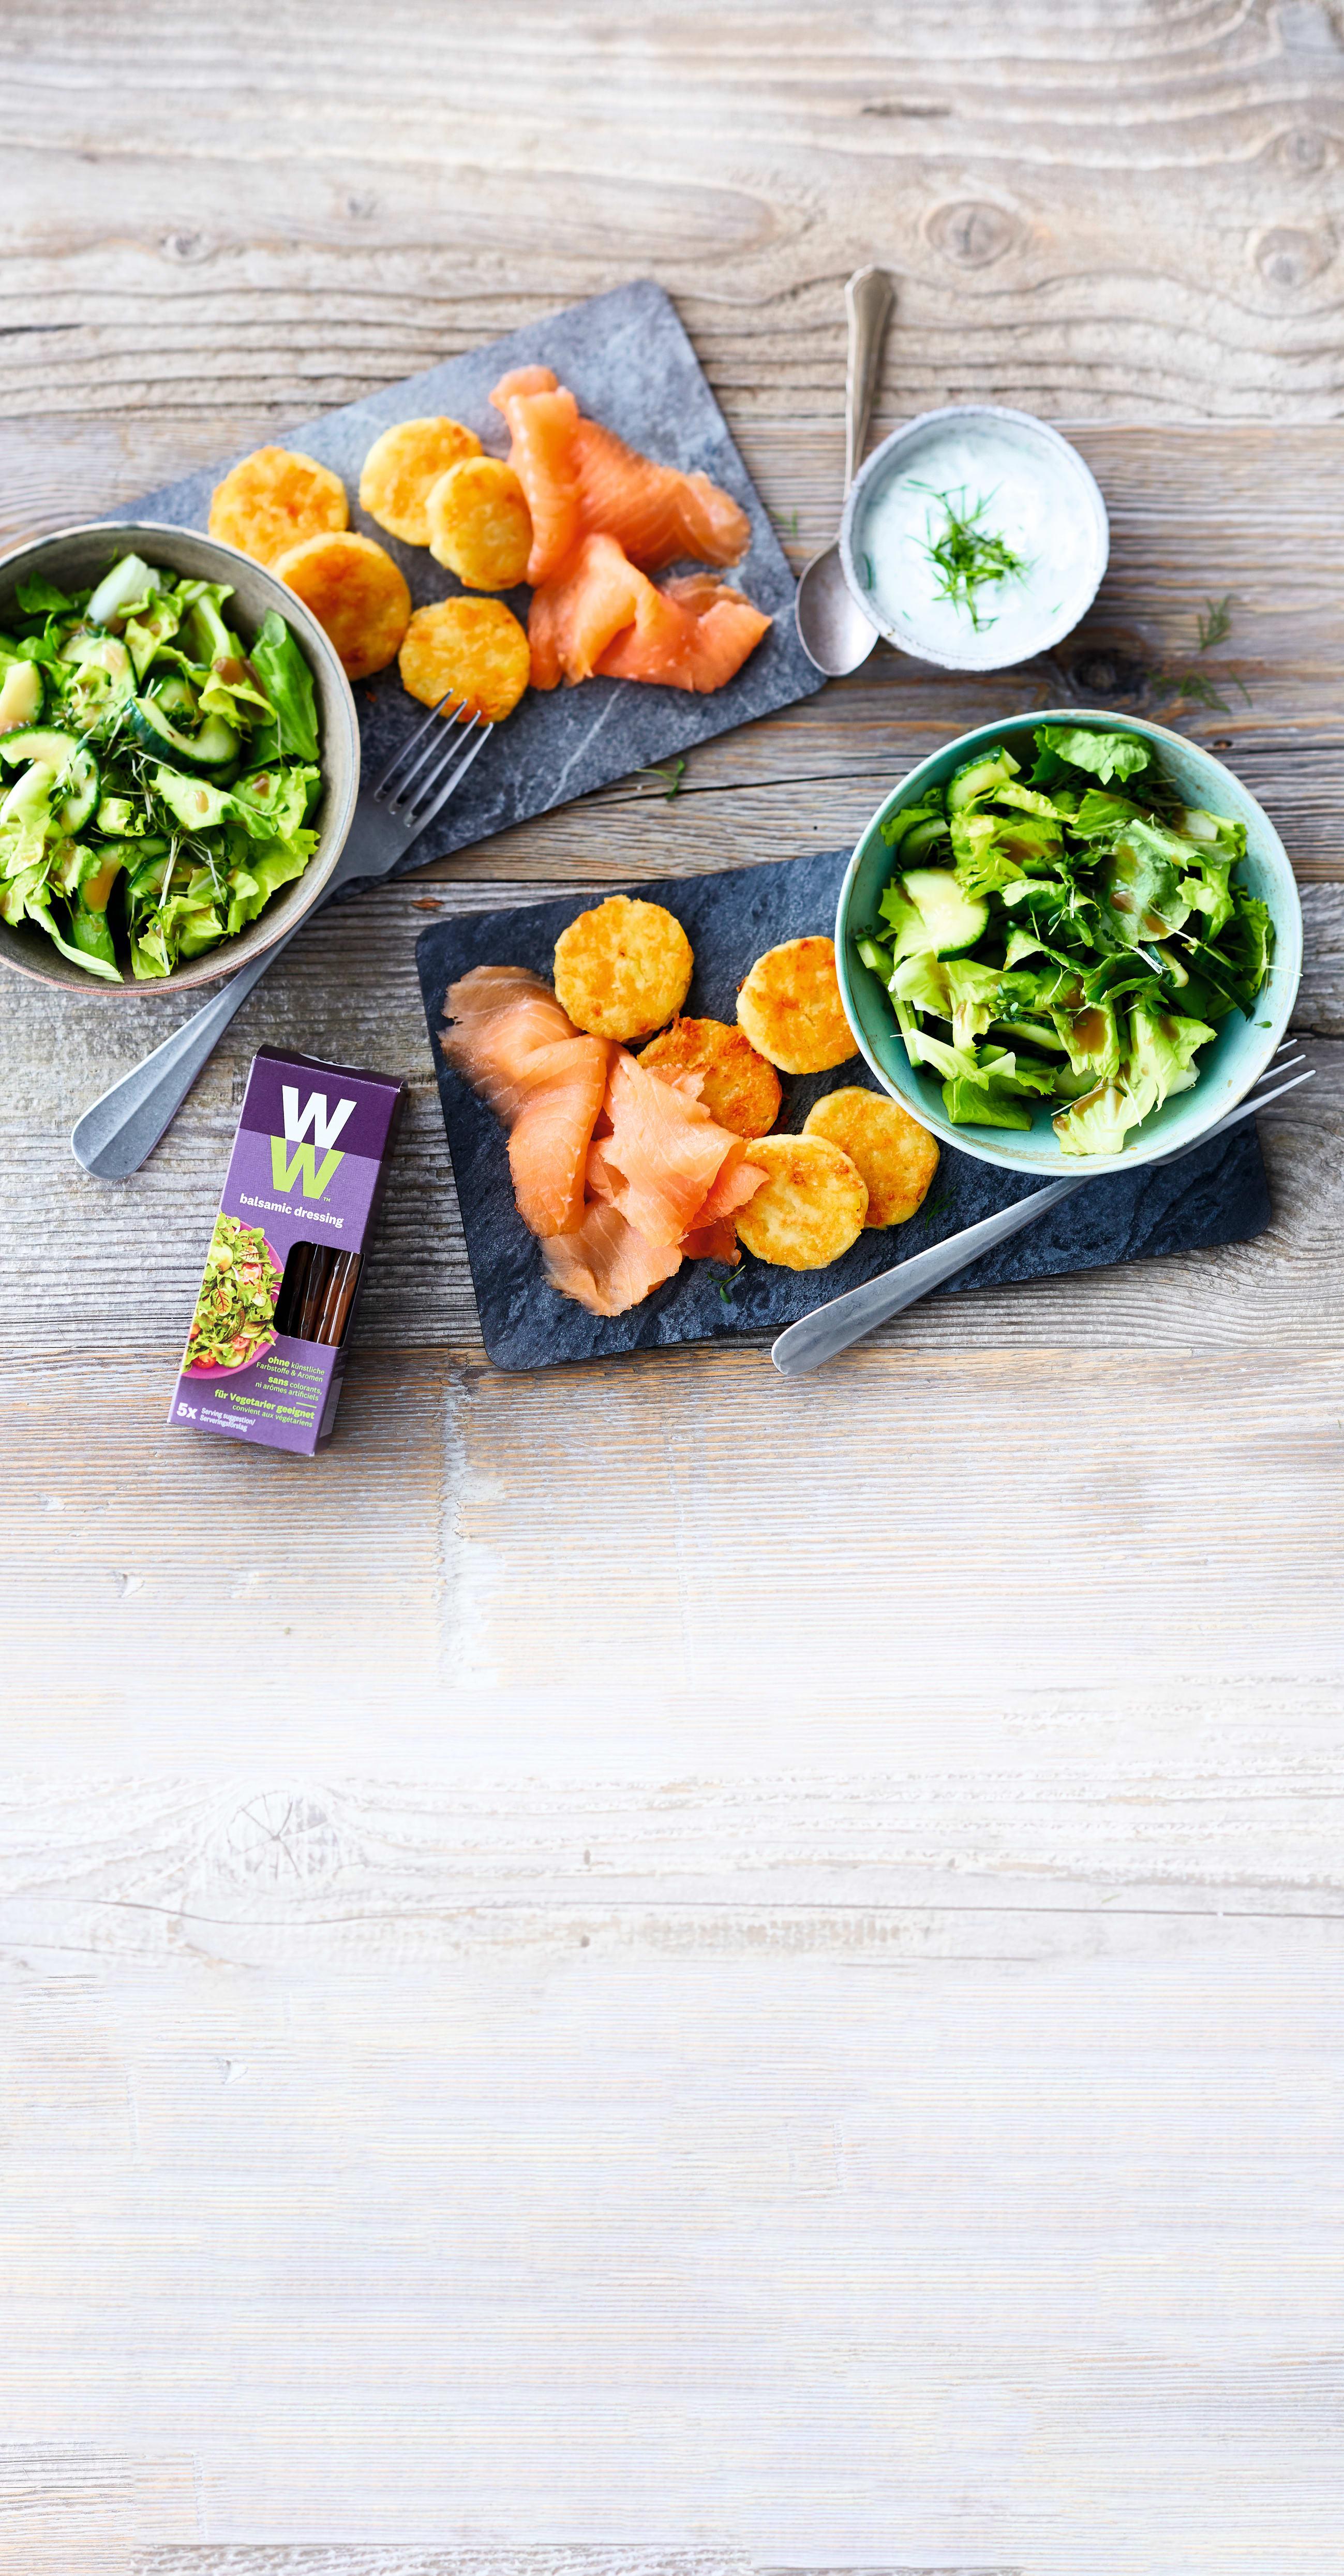 Photo de Saumon, röstis et salade mixte prise par WW